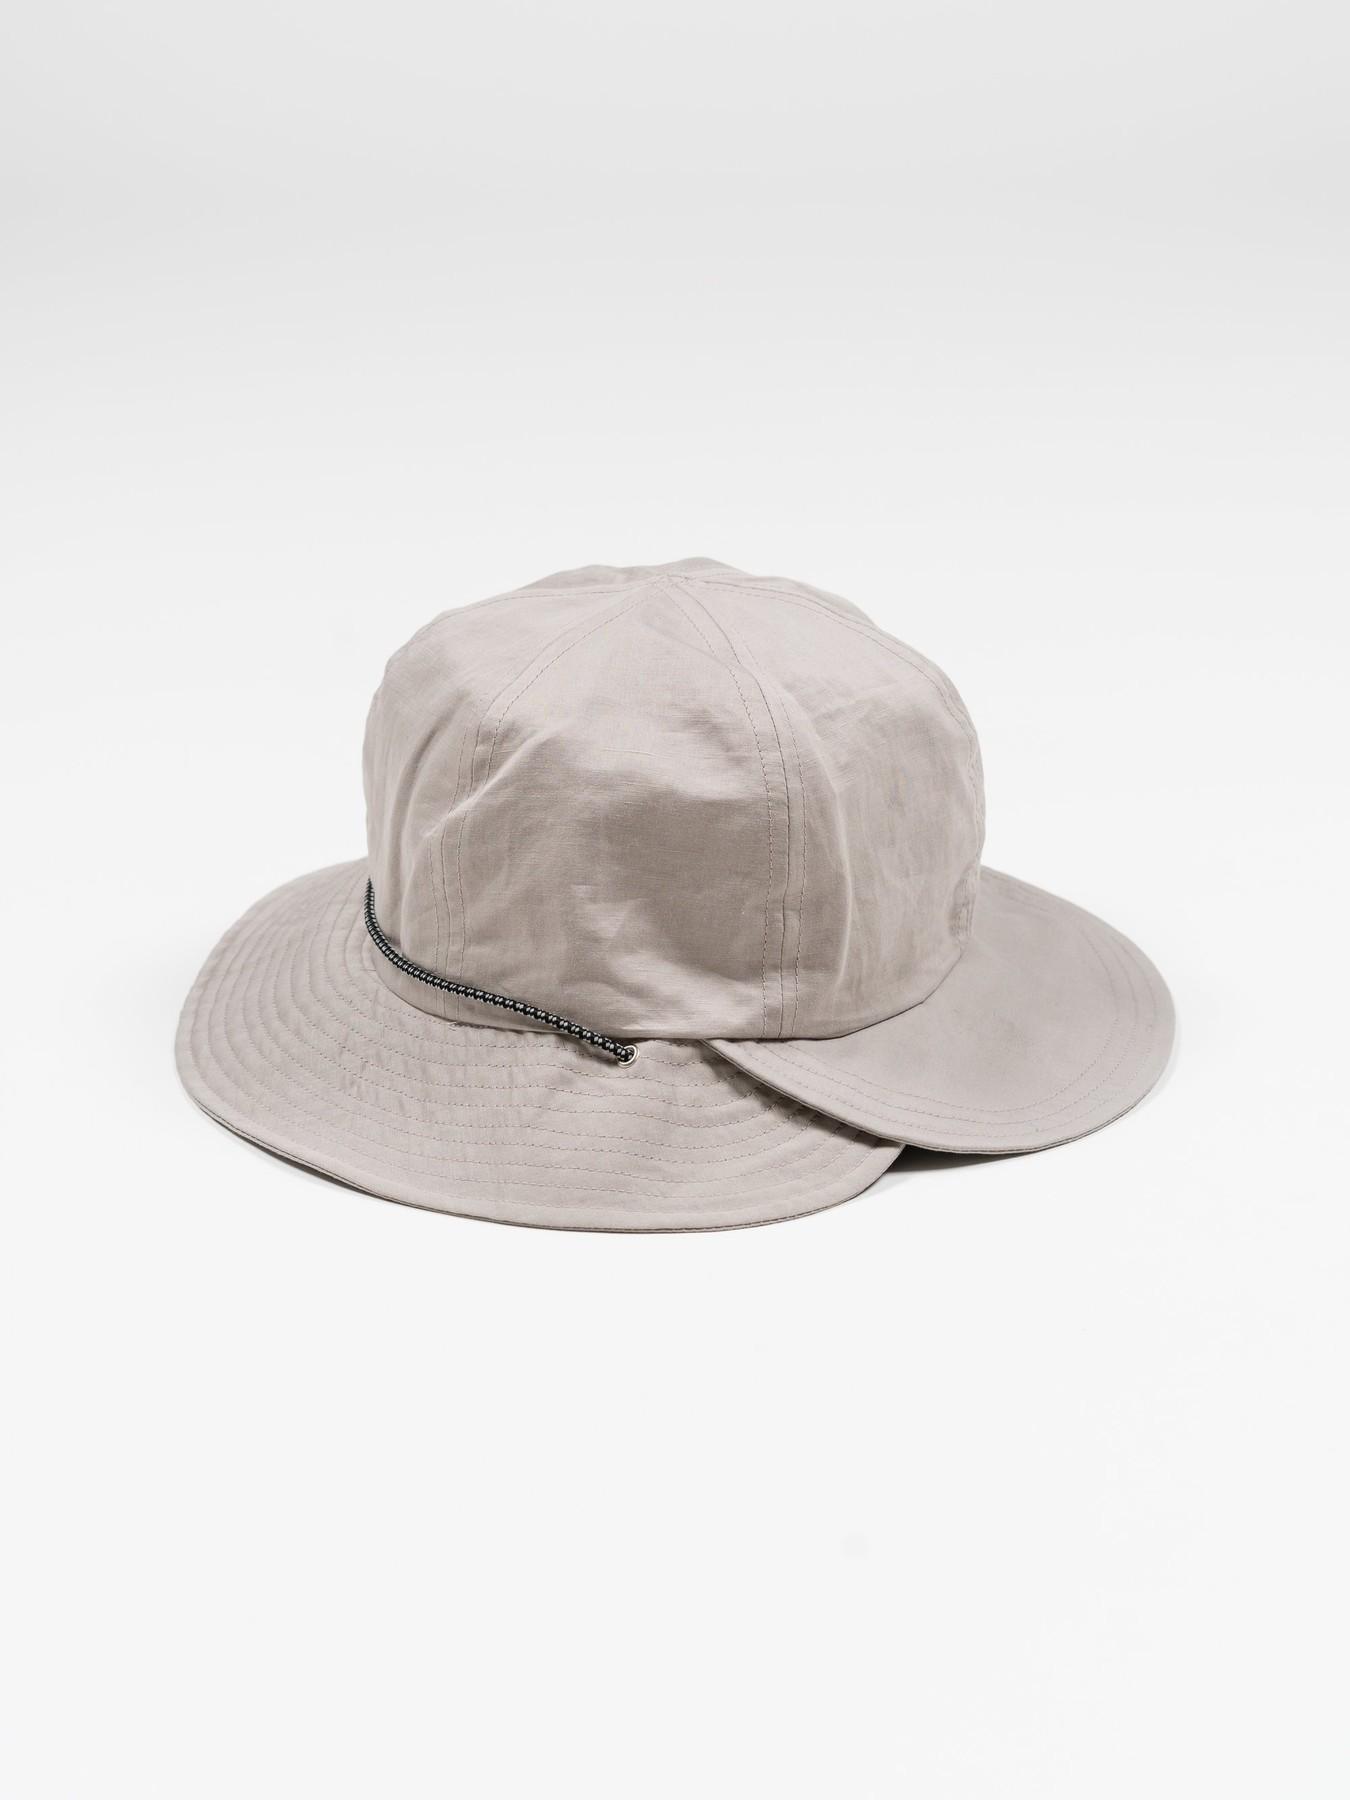 split-6-panel-hat-grey-4_2400x.jpg?v=1620989824